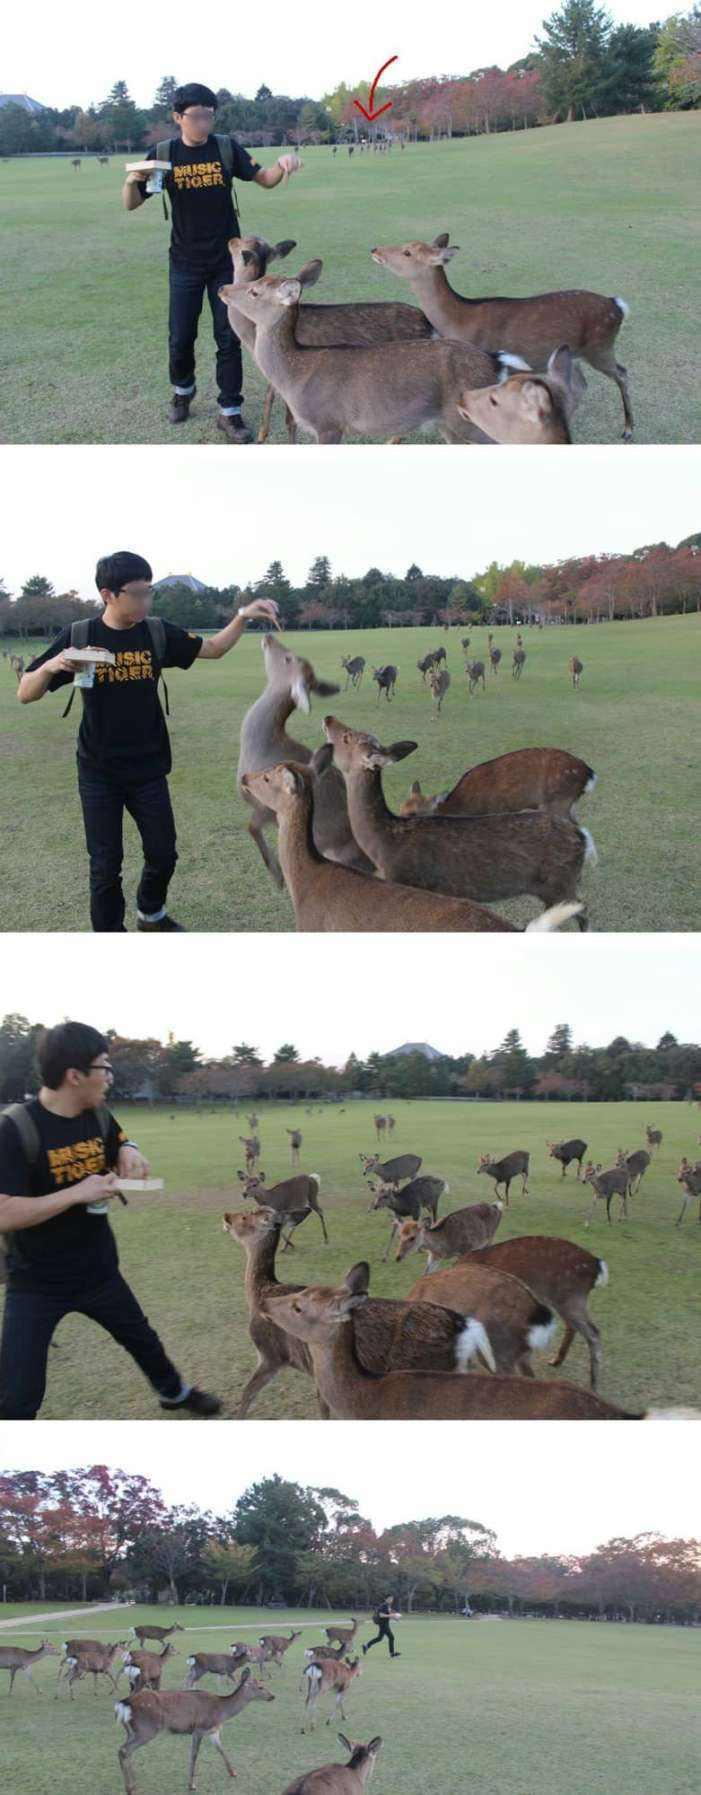 16 смешных фотографий из Интернета, для просмотра которых совершенно не нужен повод